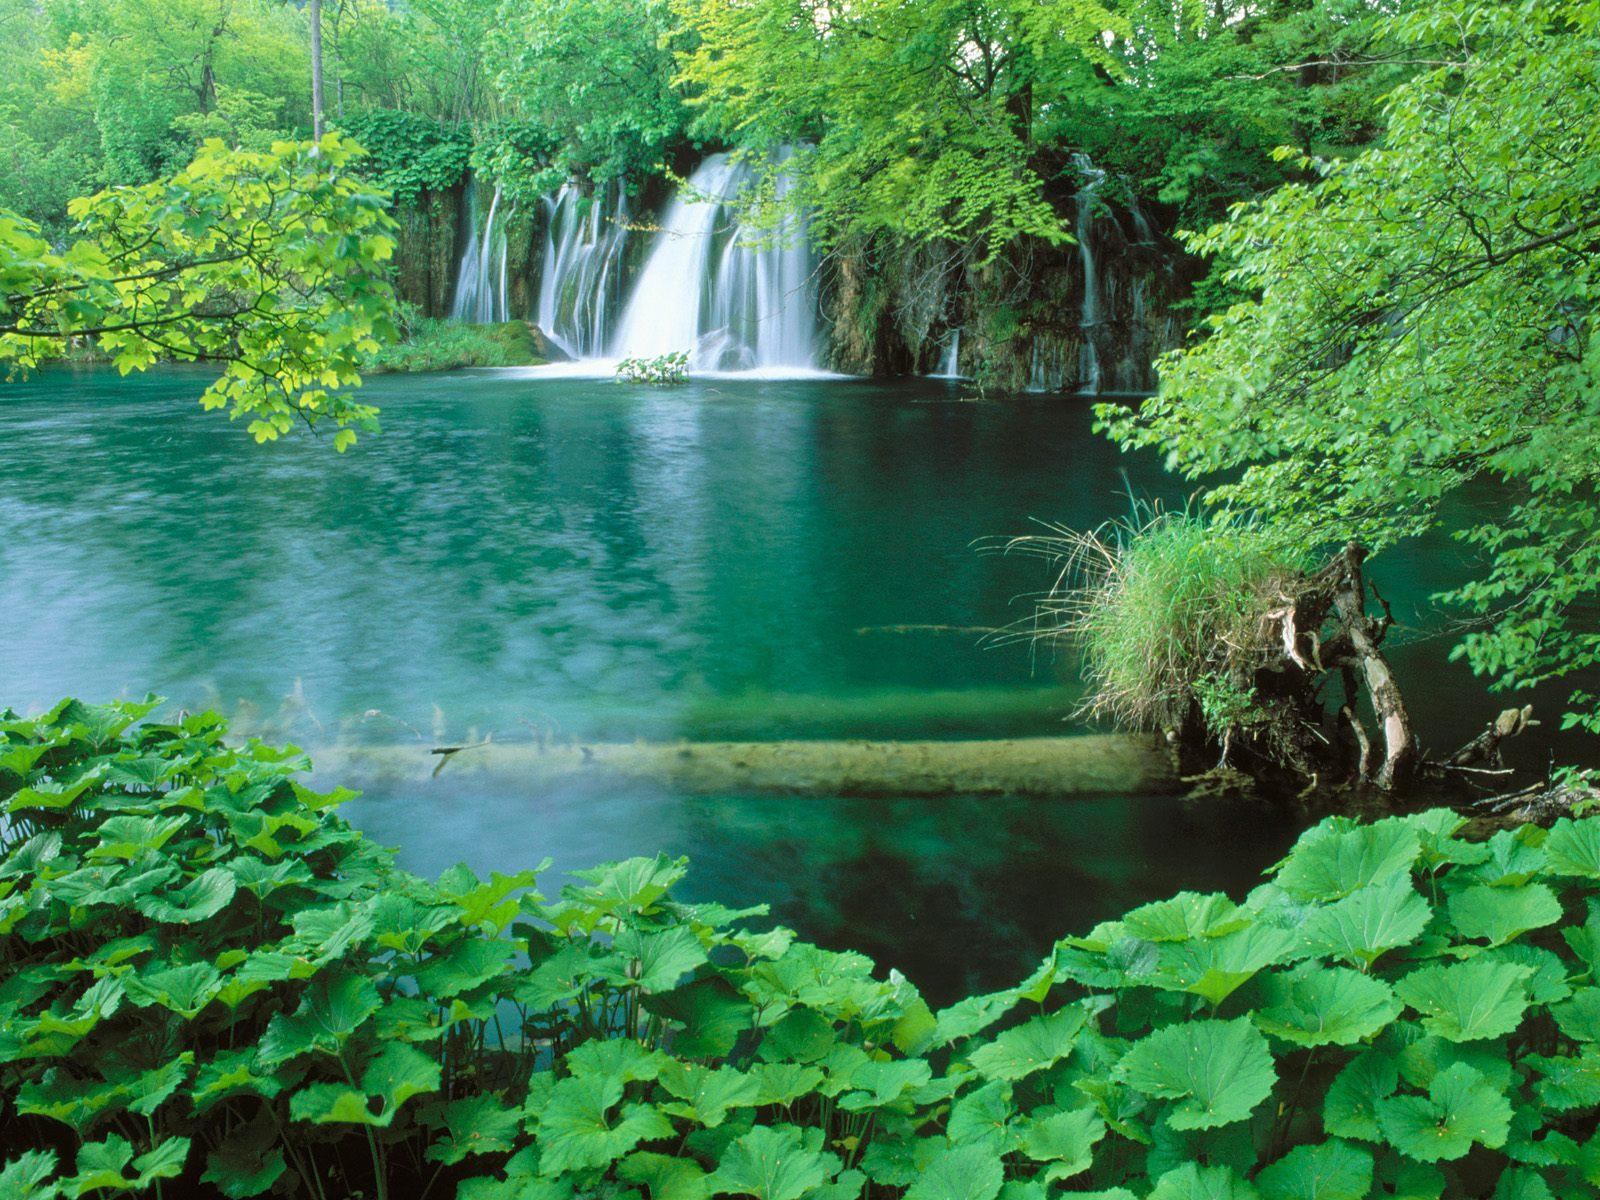 http://1.bp.blogspot.com/_ioD6UOQqcyA/Sw75S63la-I/AAAAAAAABeg/TRy452ndB0U/s1600/Plitvice+National+Park,+Croatia.jpg